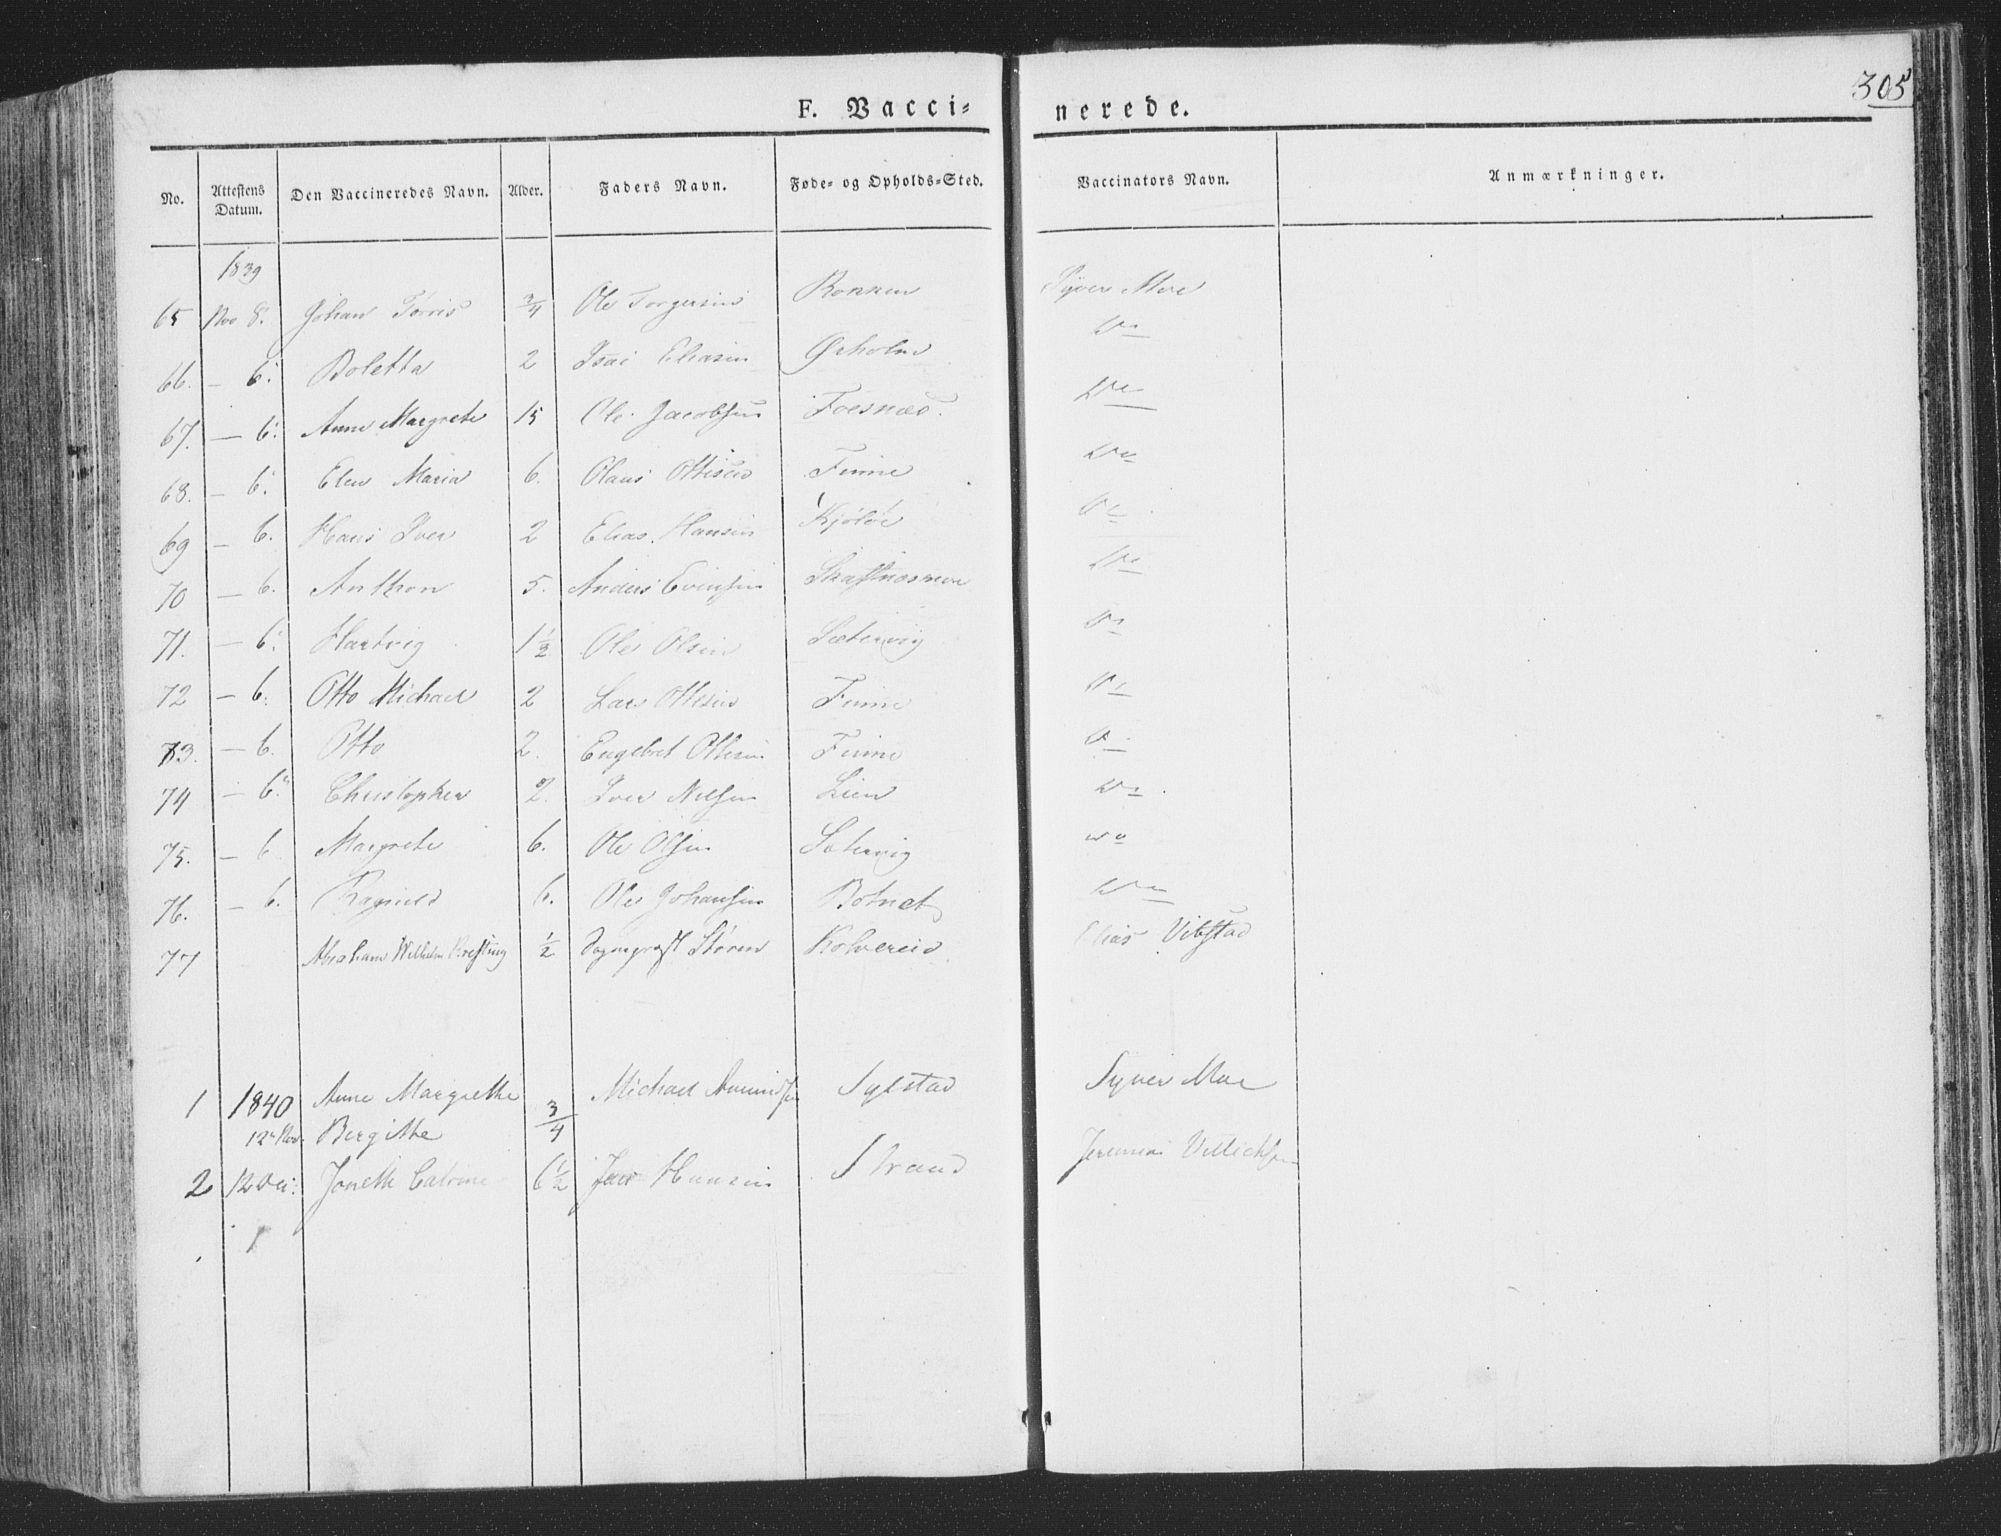 SAT, Ministerialprotokoller, klokkerbøker og fødselsregistre - Nord-Trøndelag, 780/L0639: Ministerialbok nr. 780A04, 1830-1844, s. 305